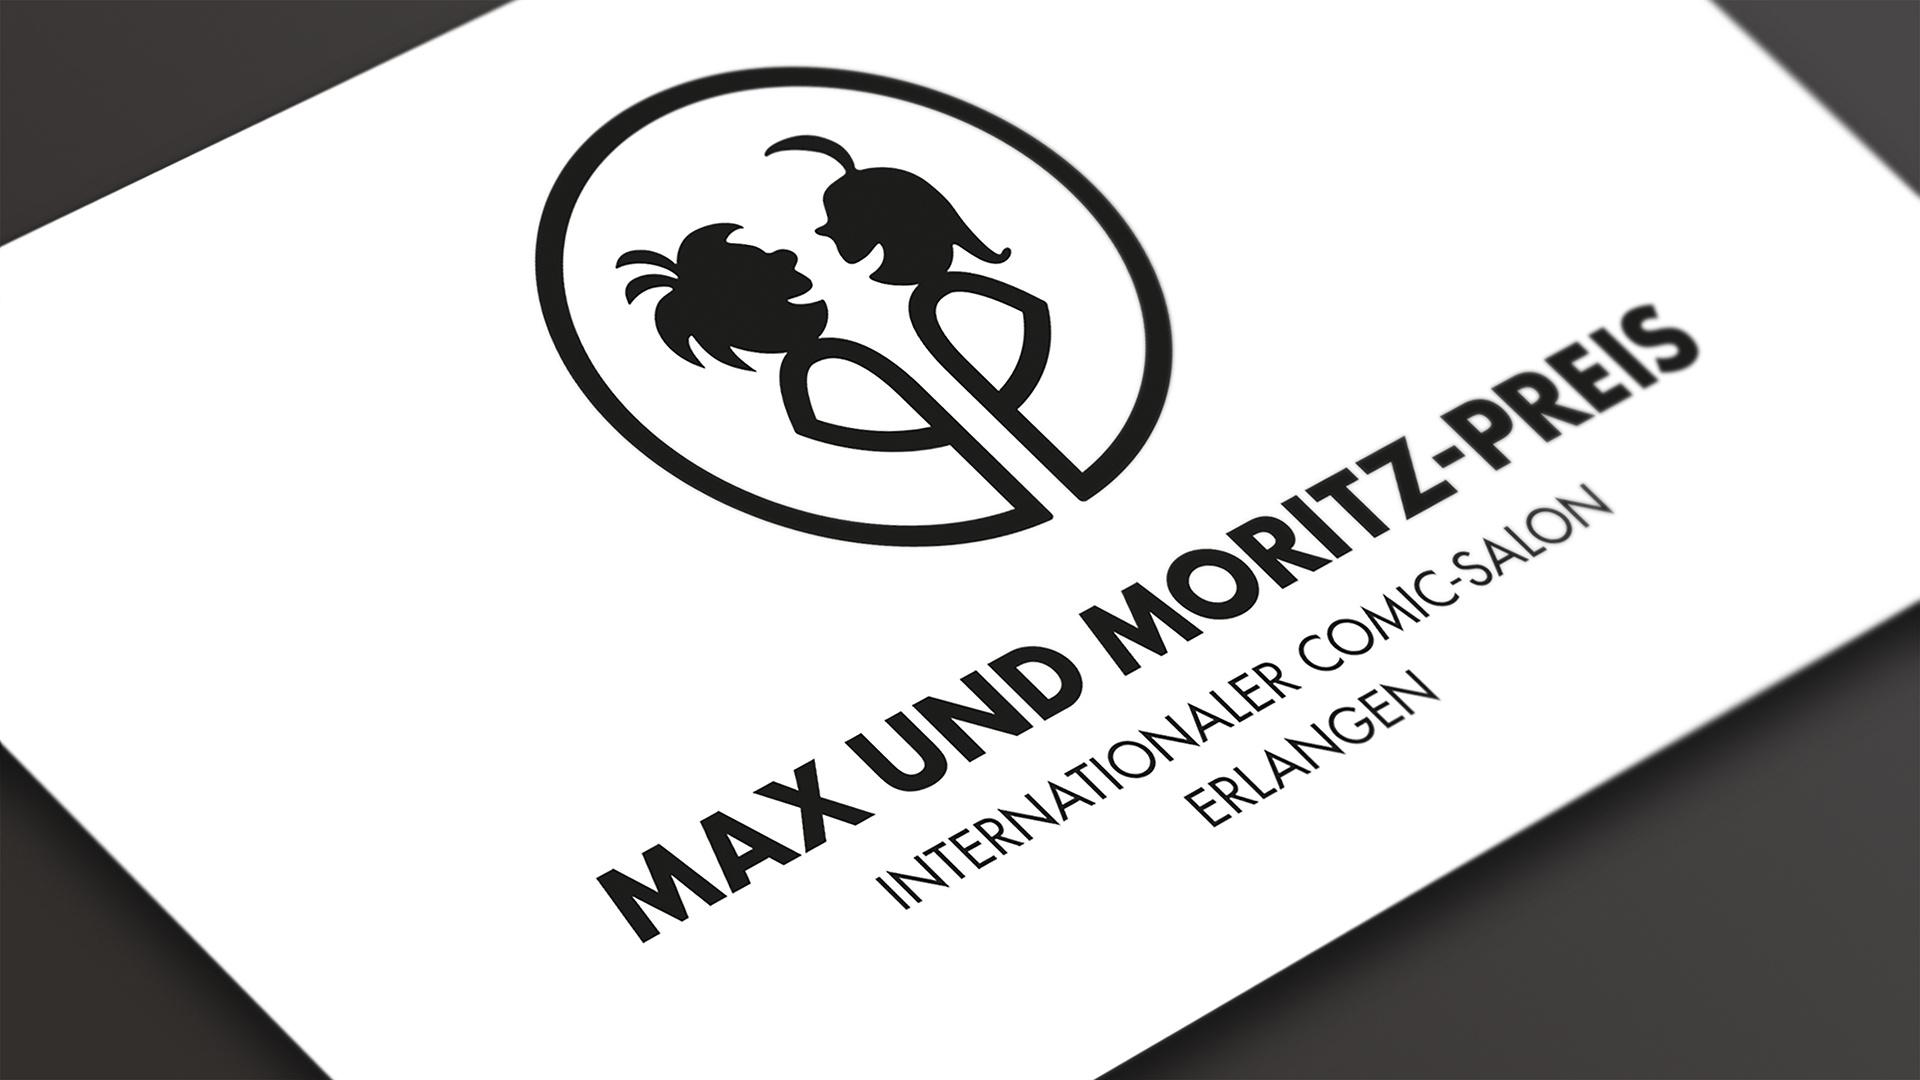 Max und Moritz-Preis 2020